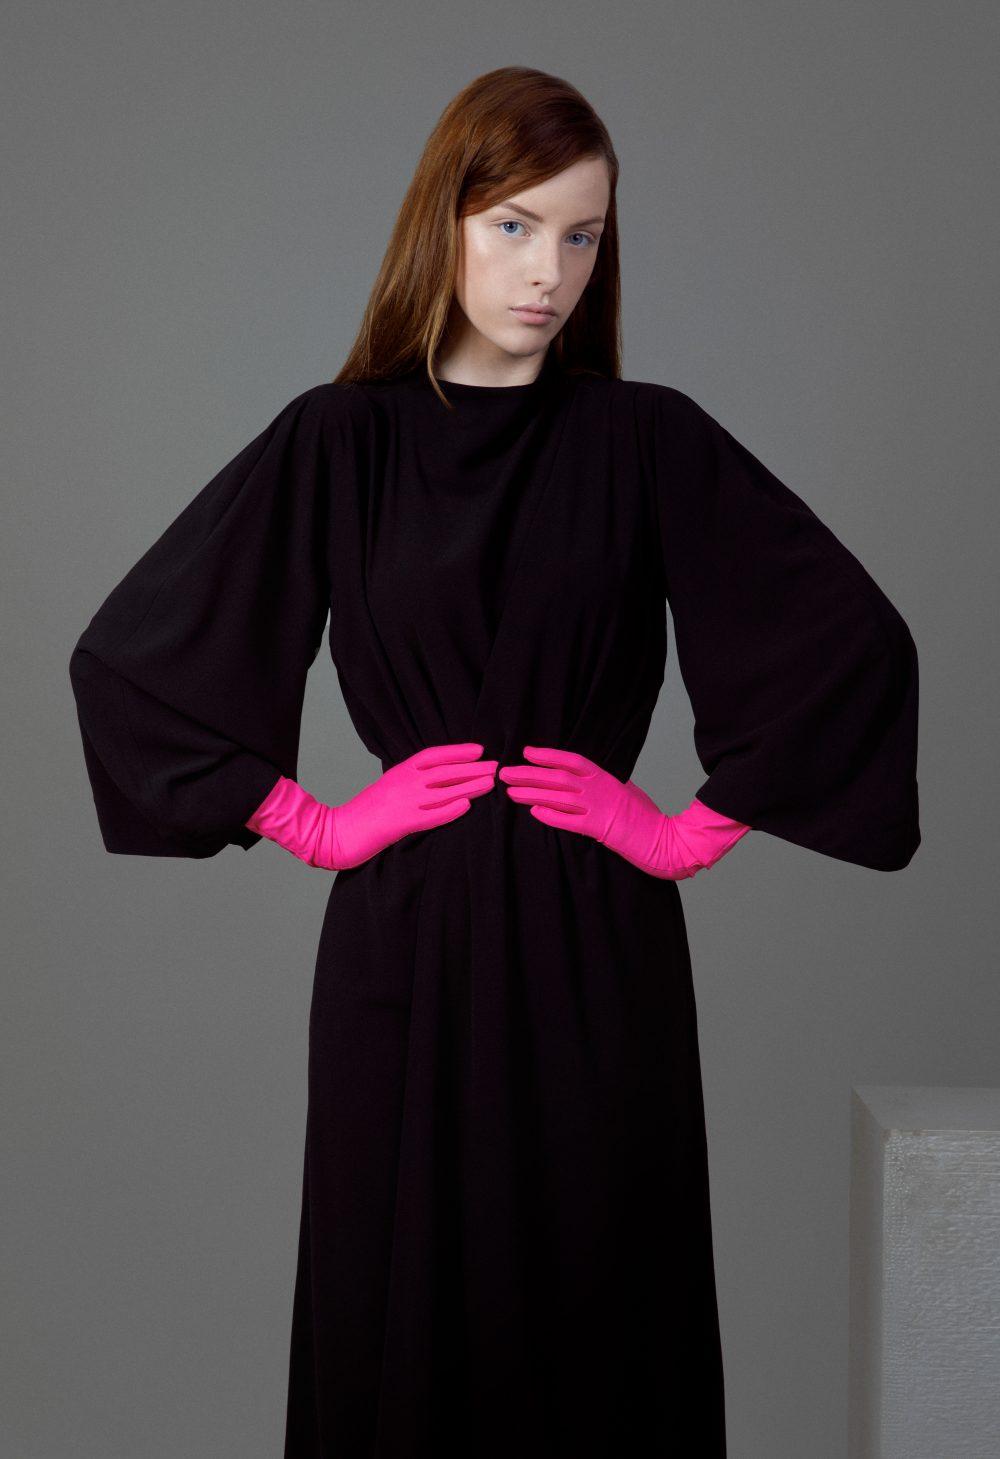 DRAGANA OGNJENOVIC 340A8600 e1607423277227 Modna kolekcija dizajnerke Dragane Ognjenović od sada je dostupna na SHOP by WANNABE